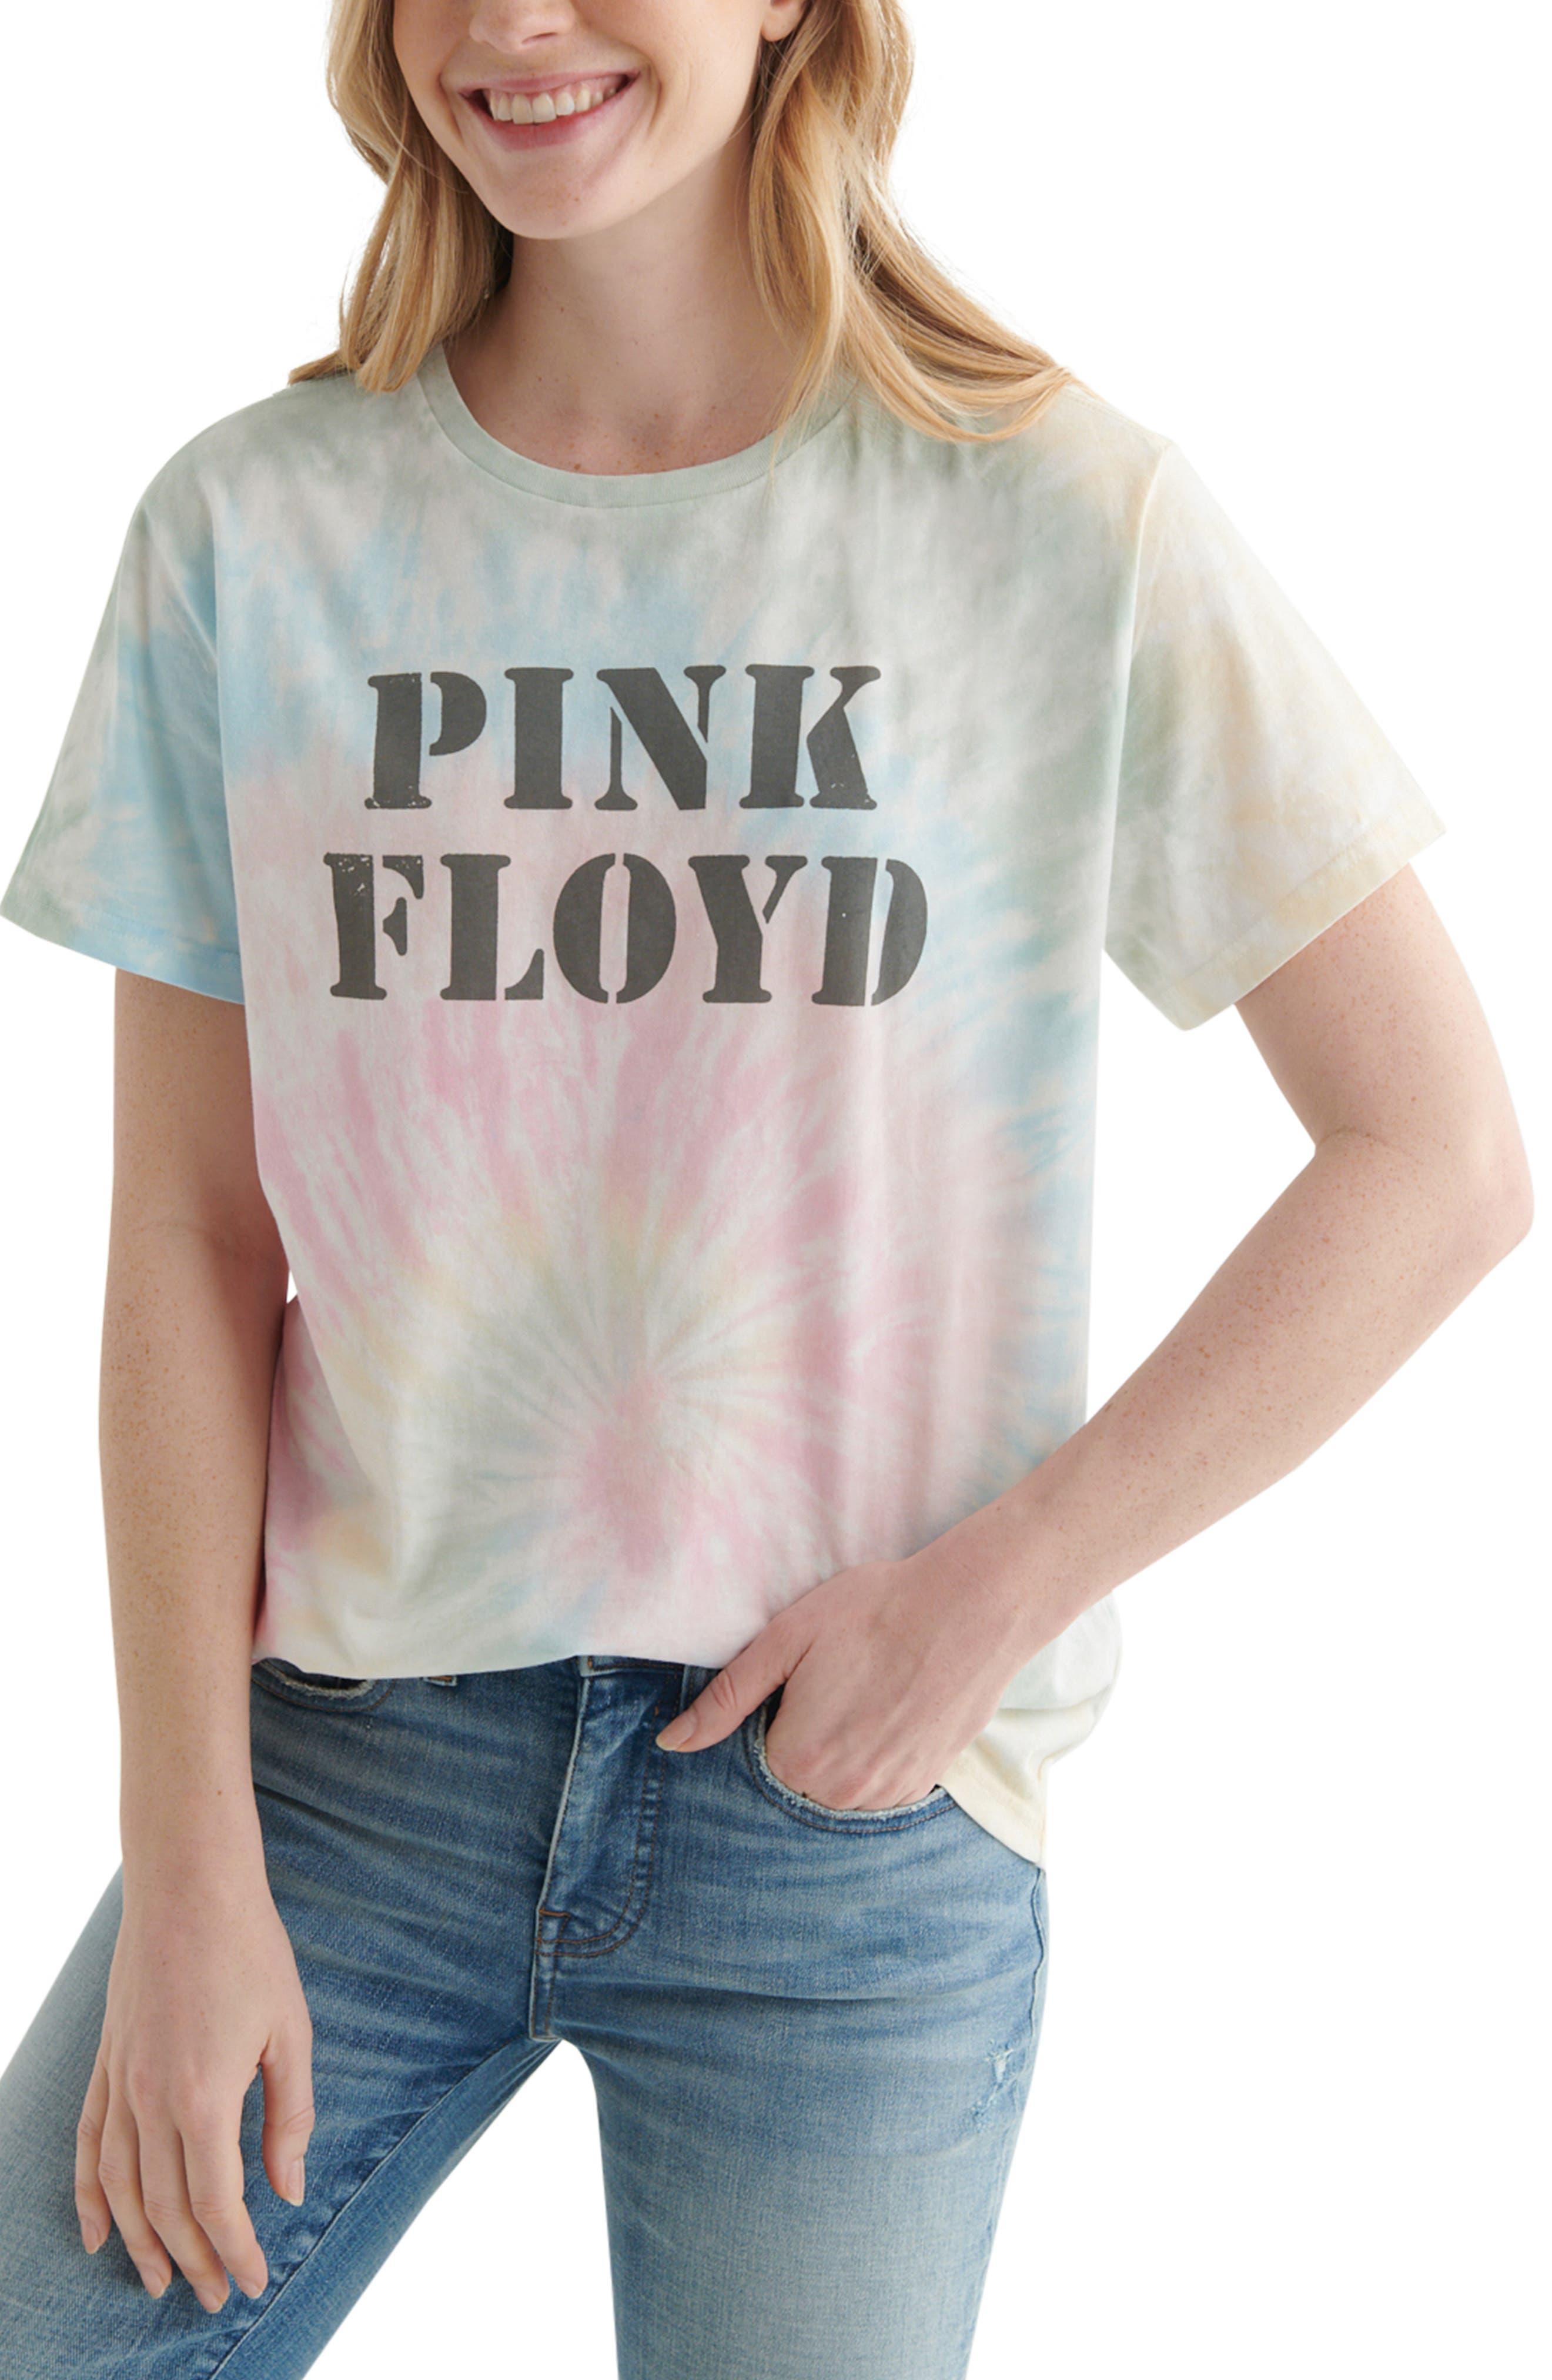 Pink Floyd Tie Dye Boyfriend Graphic Tee